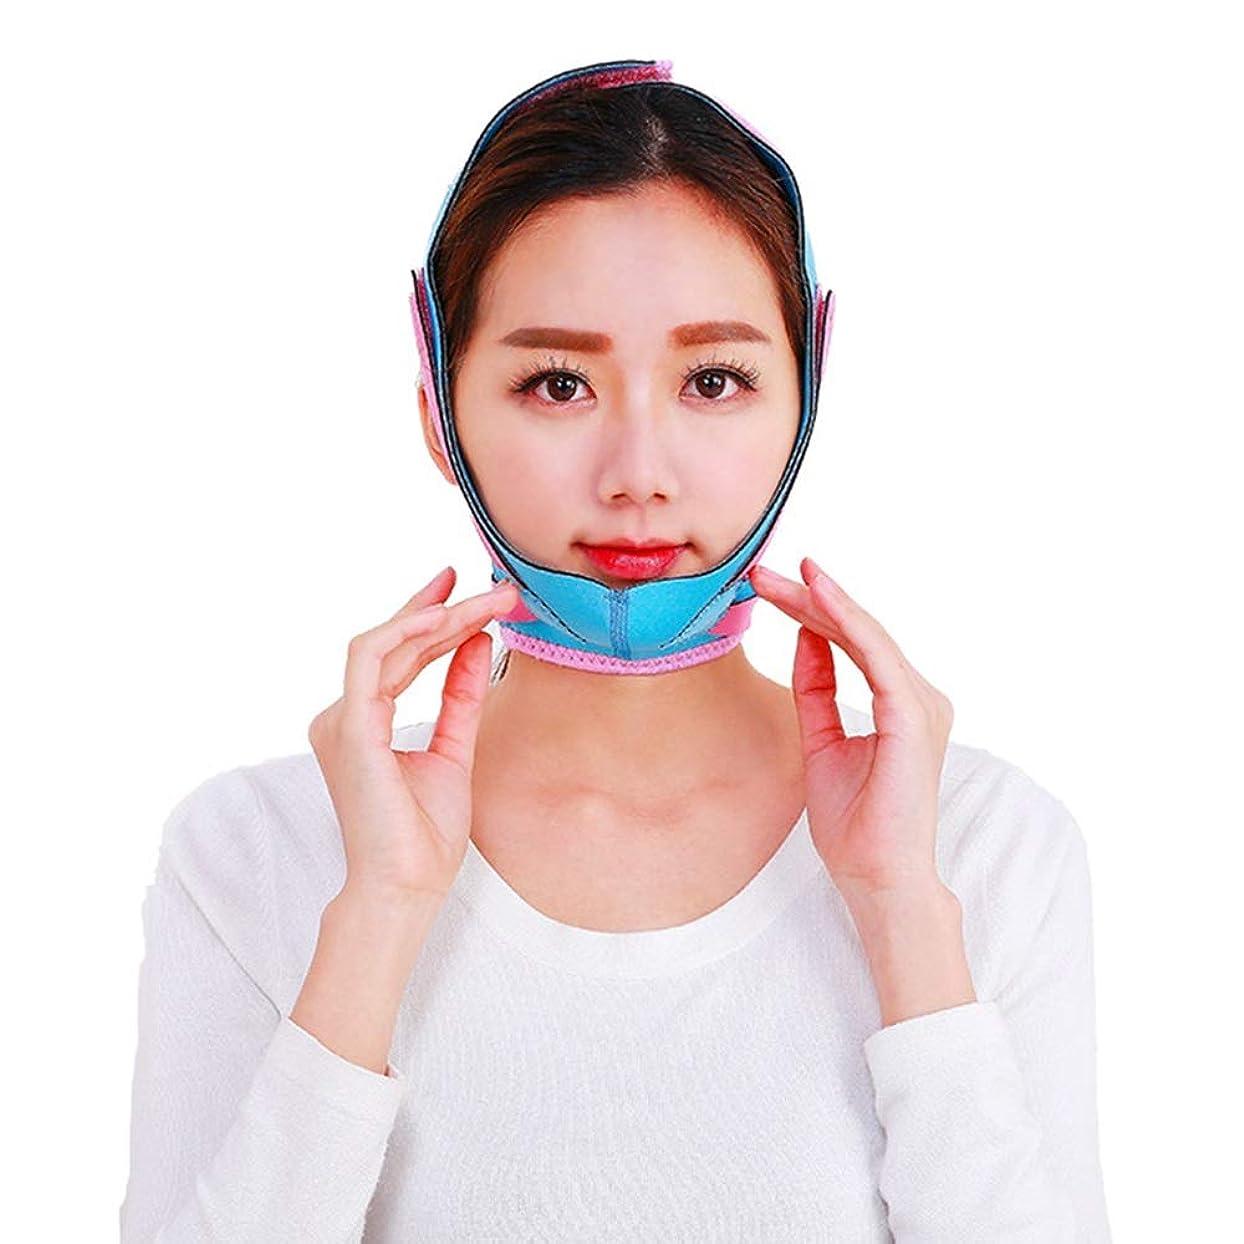 穏やかなヒロイック北方薄い顔のベルト - 薄い顔のベルト通気性のある顔の包帯前面のリフティングマスクVの顔薄い面の小さな持ち上げツール